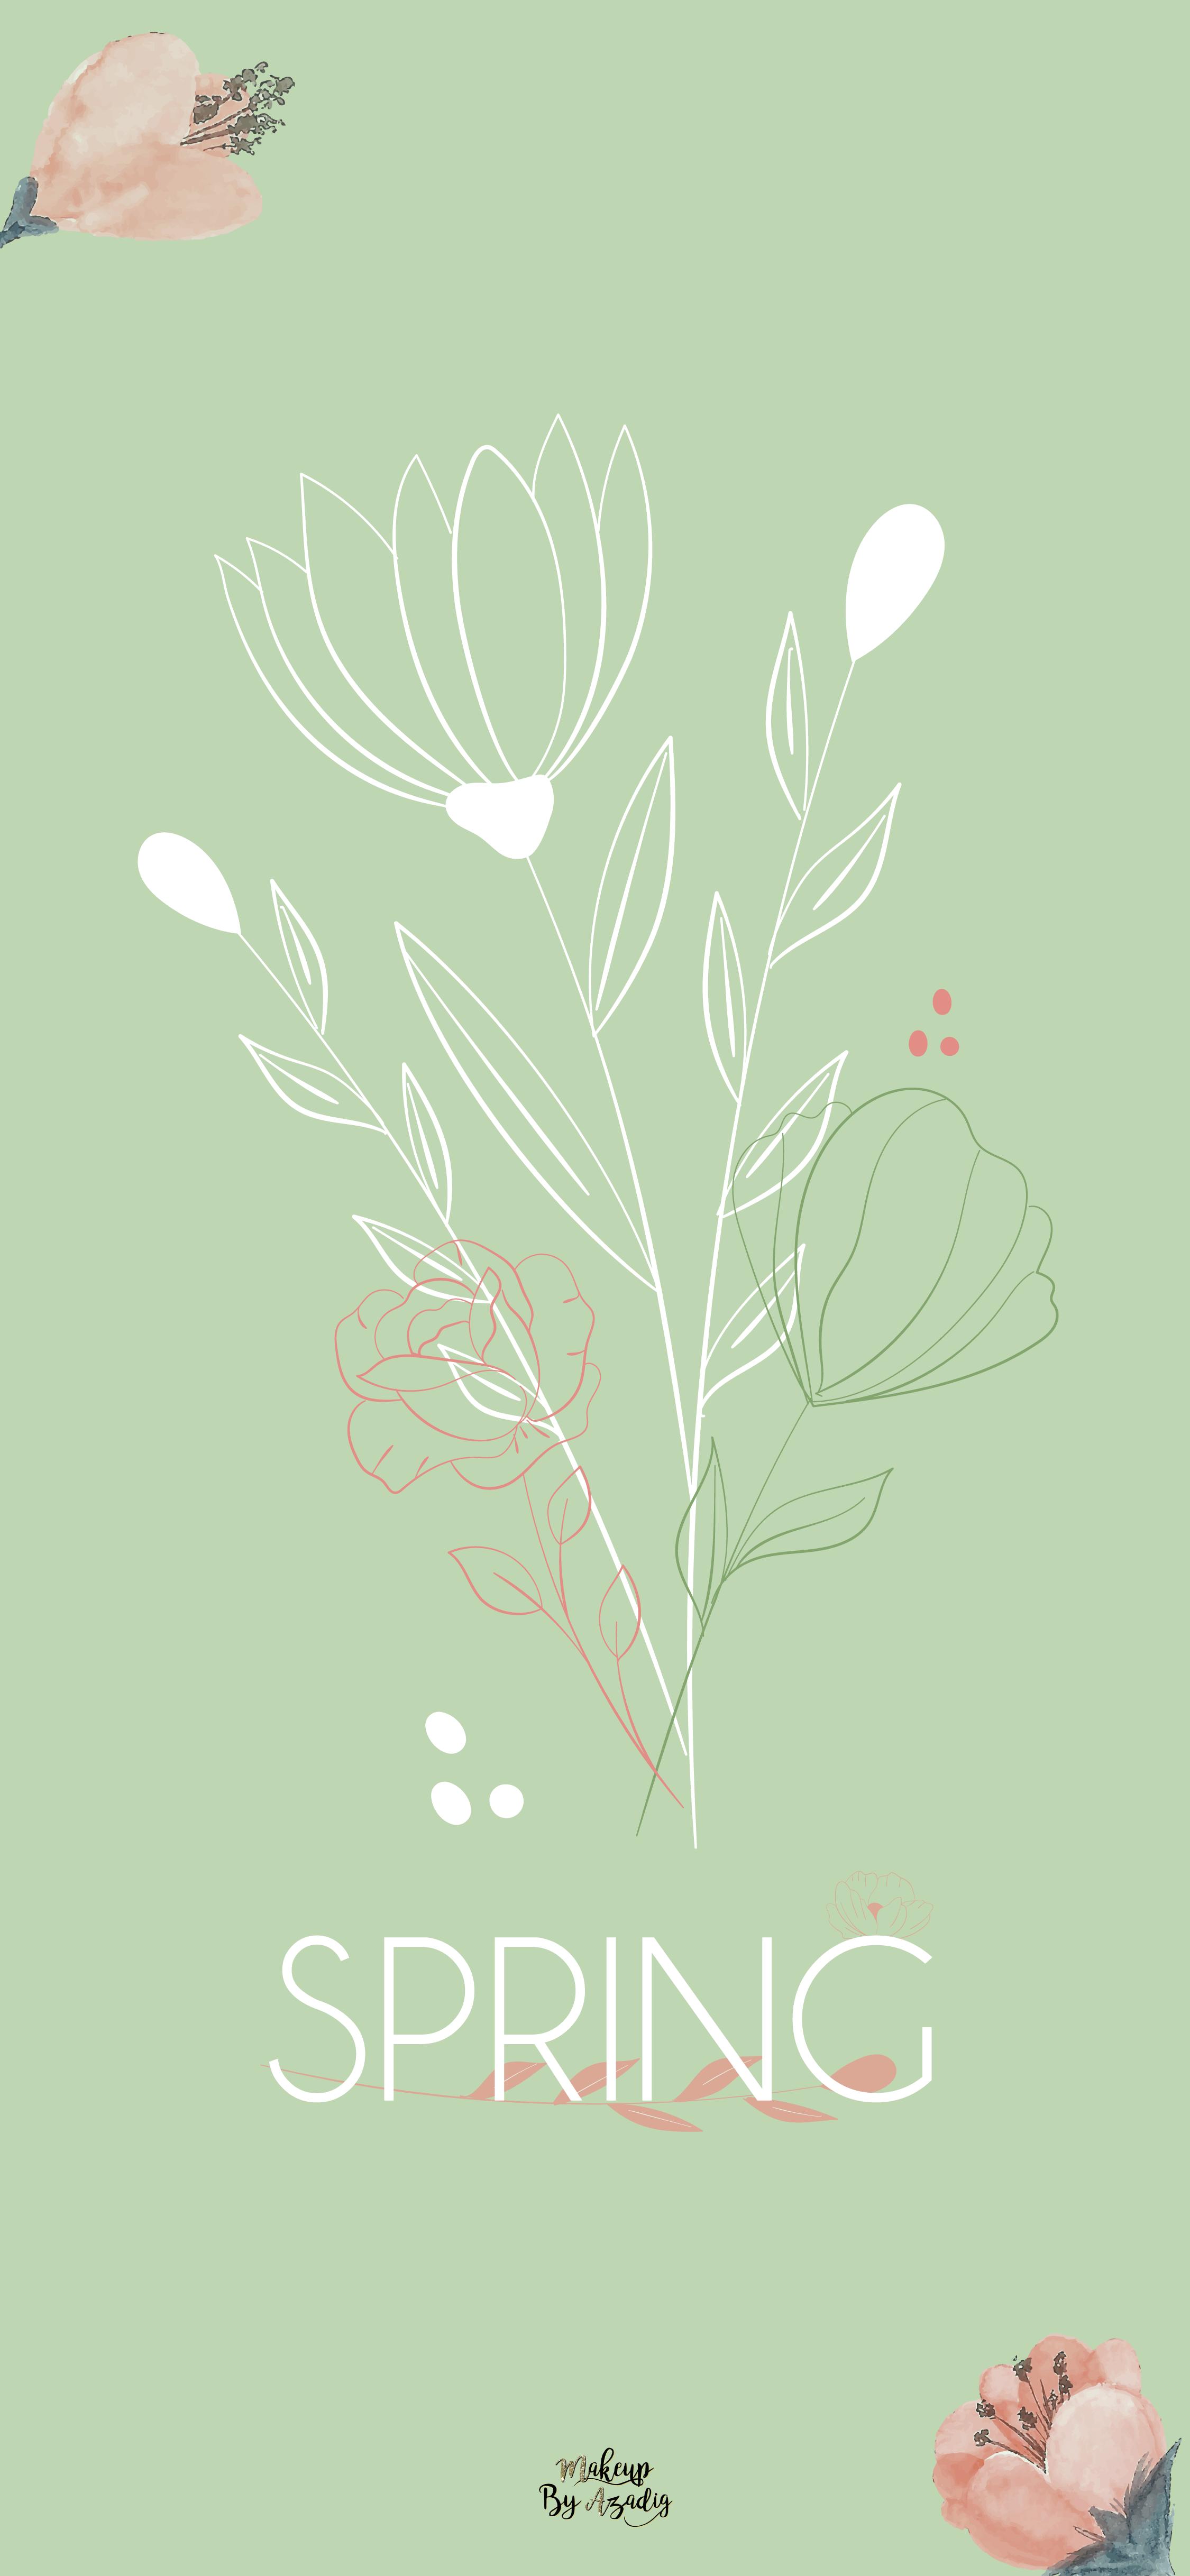 fond-decran-wallpaper-printemps-fleurs-flower-spring-girly-iphone-X-makeupbyazadig-tendance